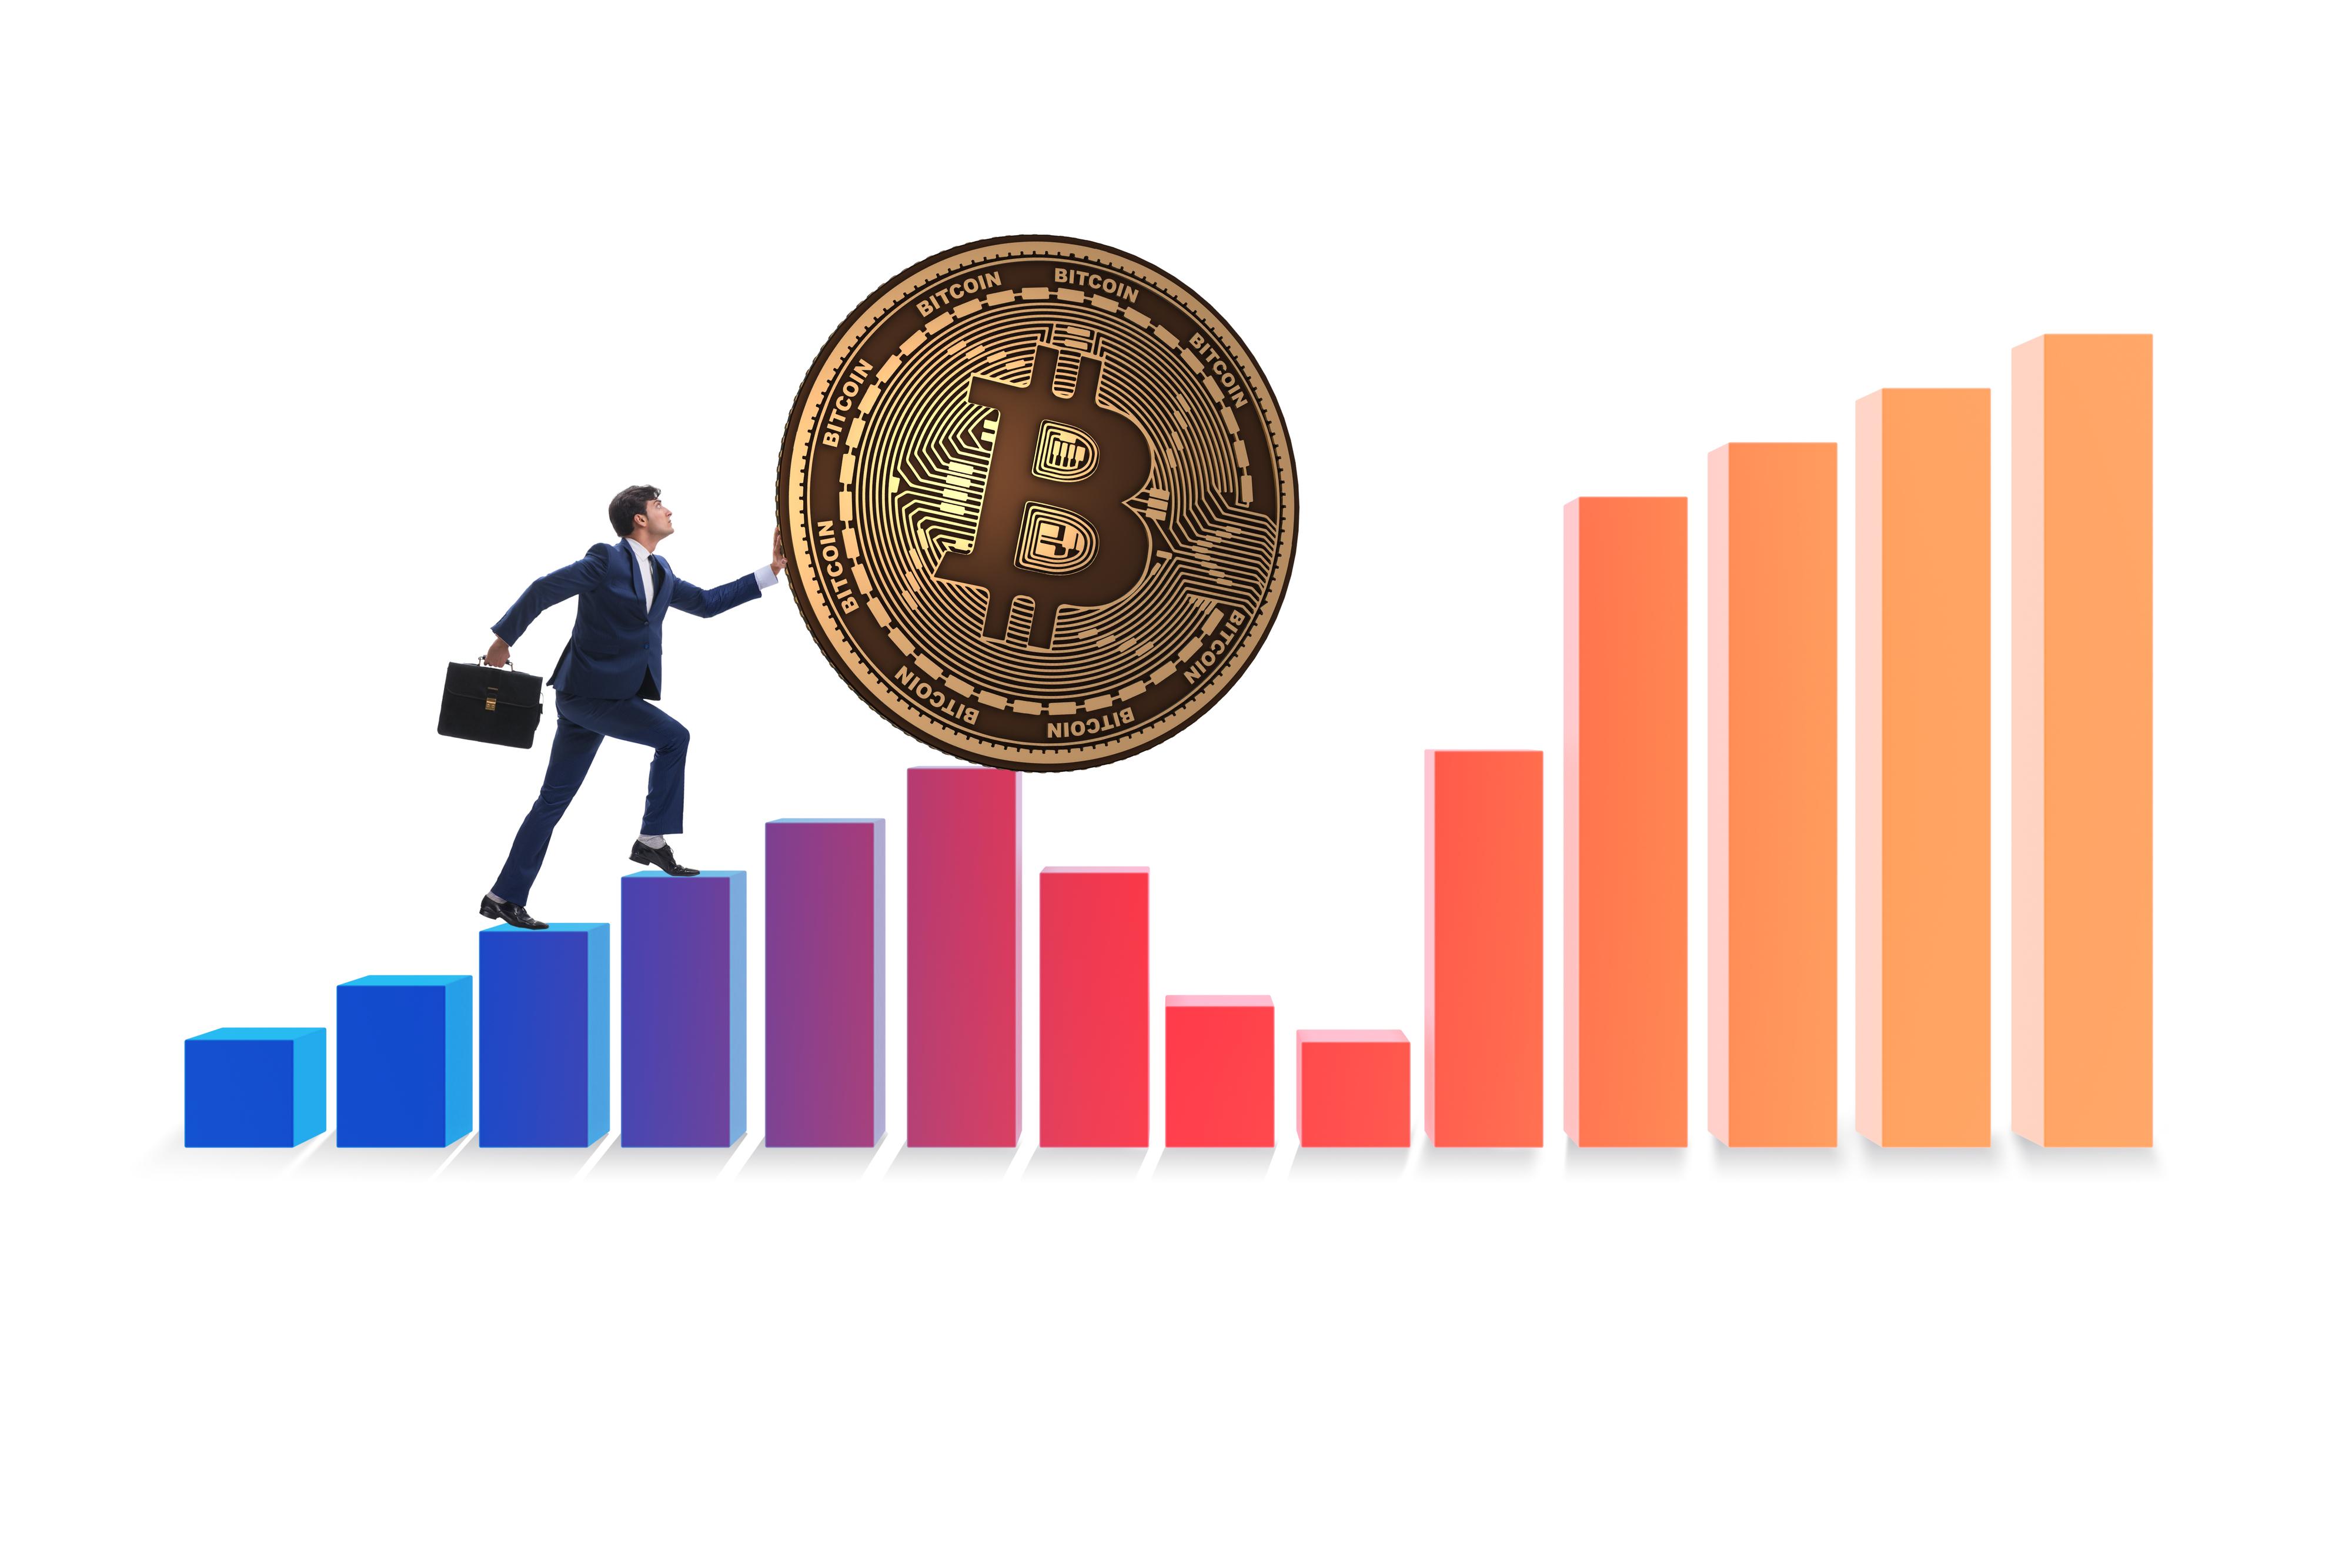 仮想通貨の「指値・逆指値」とは?基本情報や仕組み、違いなどをわかりやすく解説